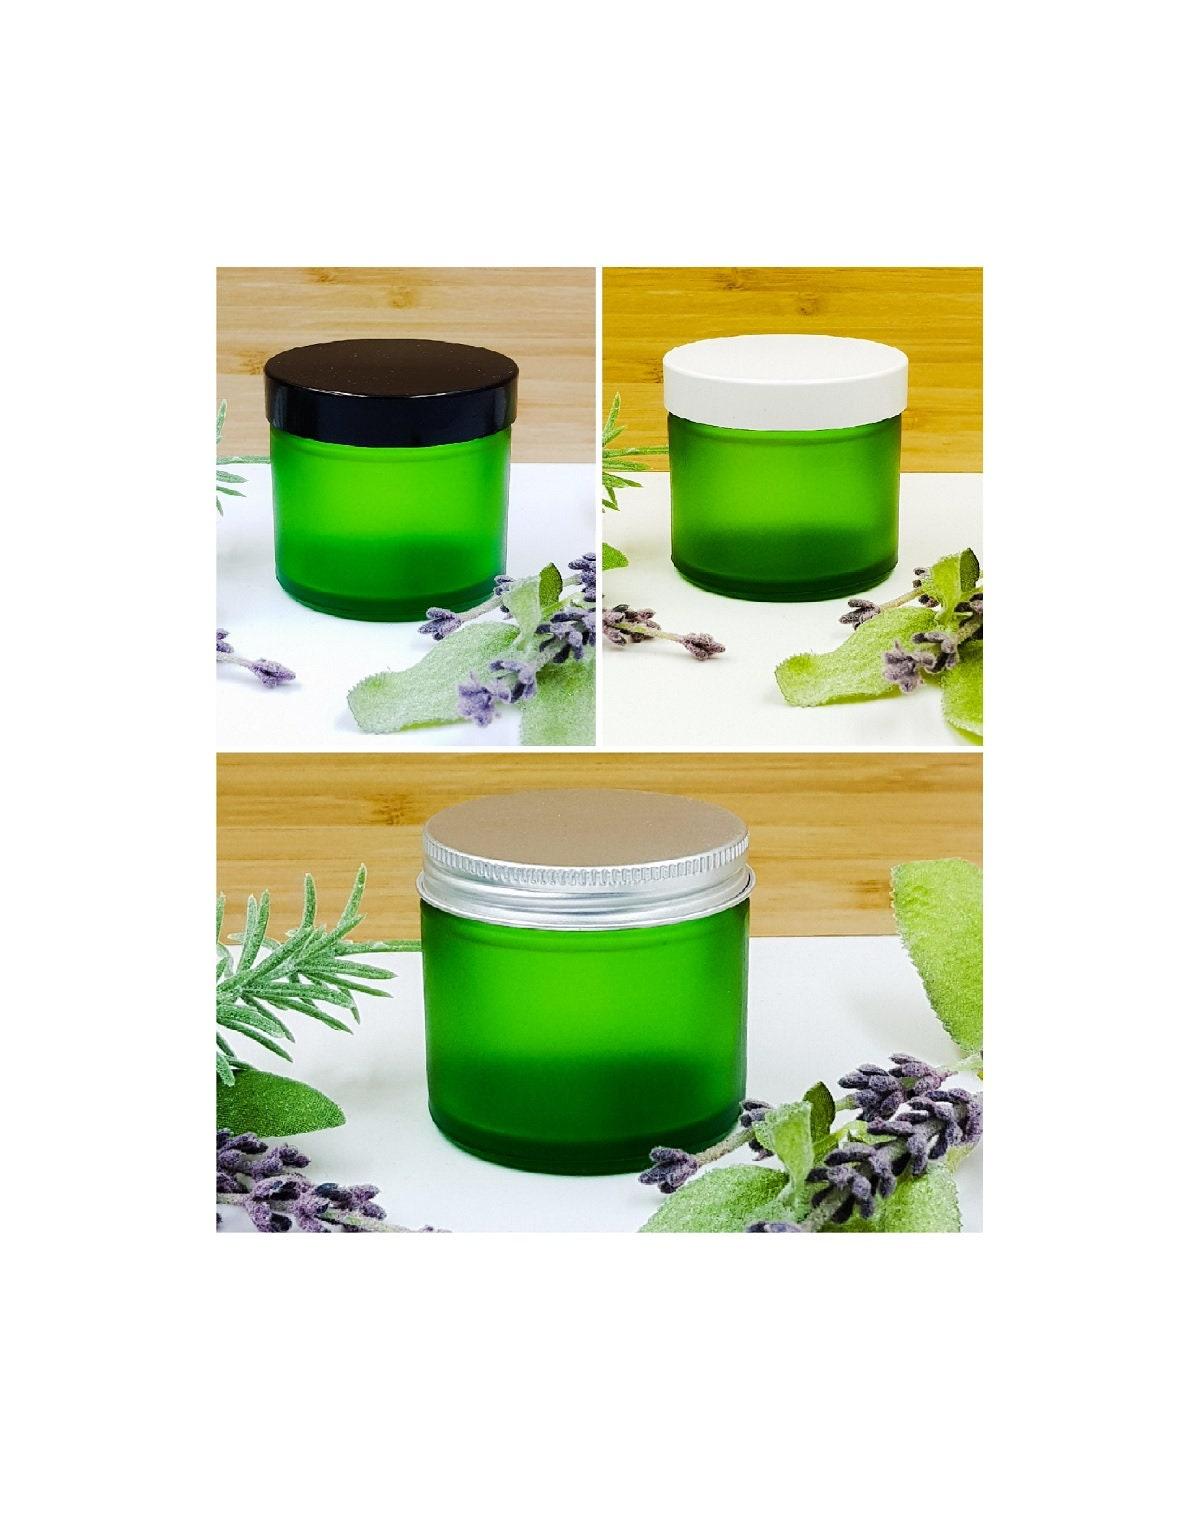 Plant De Menthe En Pot 1pcs-6pcs empty 60ml frosted green glass jars with black, white or  aluminium screw on lids.